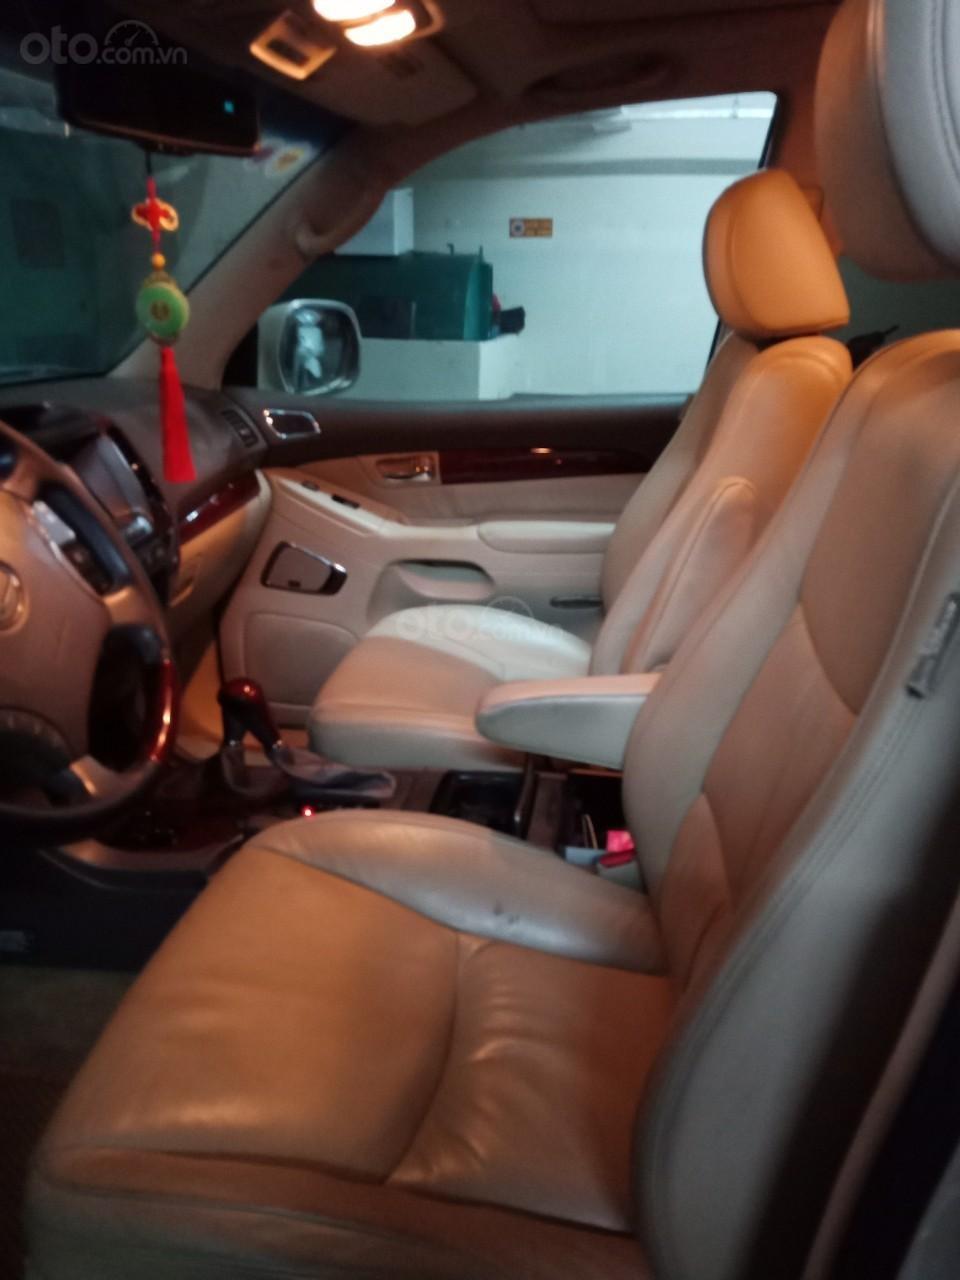 Cần bán Lexus GX 470 đời 2007, màu vàng cát, nhập Mỹ (13)